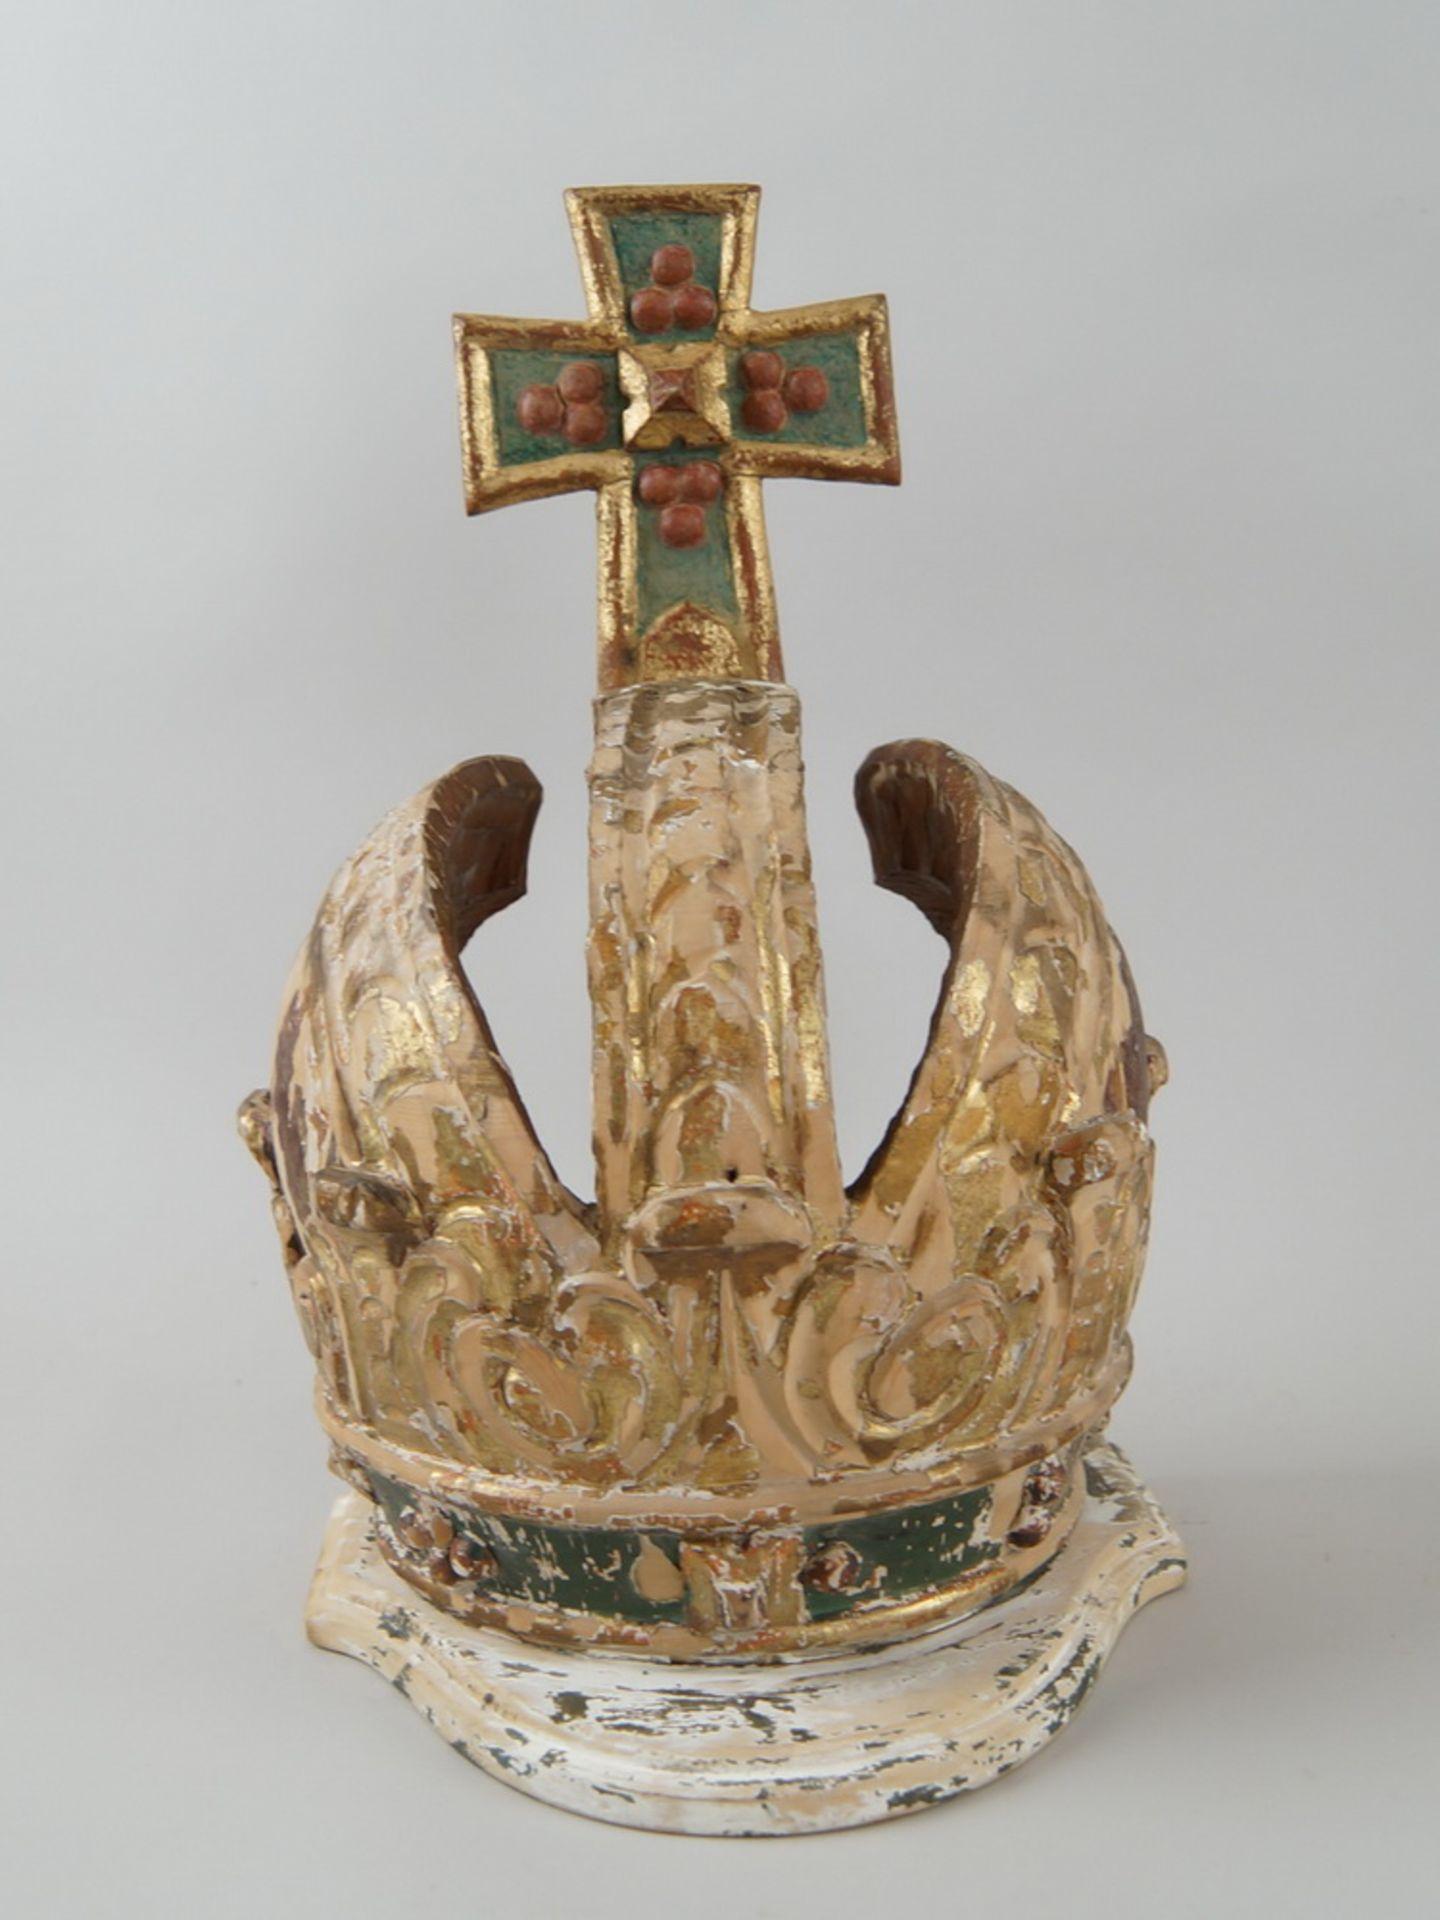 Prunkvolle Krone, Holz geschnitzt und gefasst/vergoldet, Fassung altersbedingt beschädigt,18. JH,